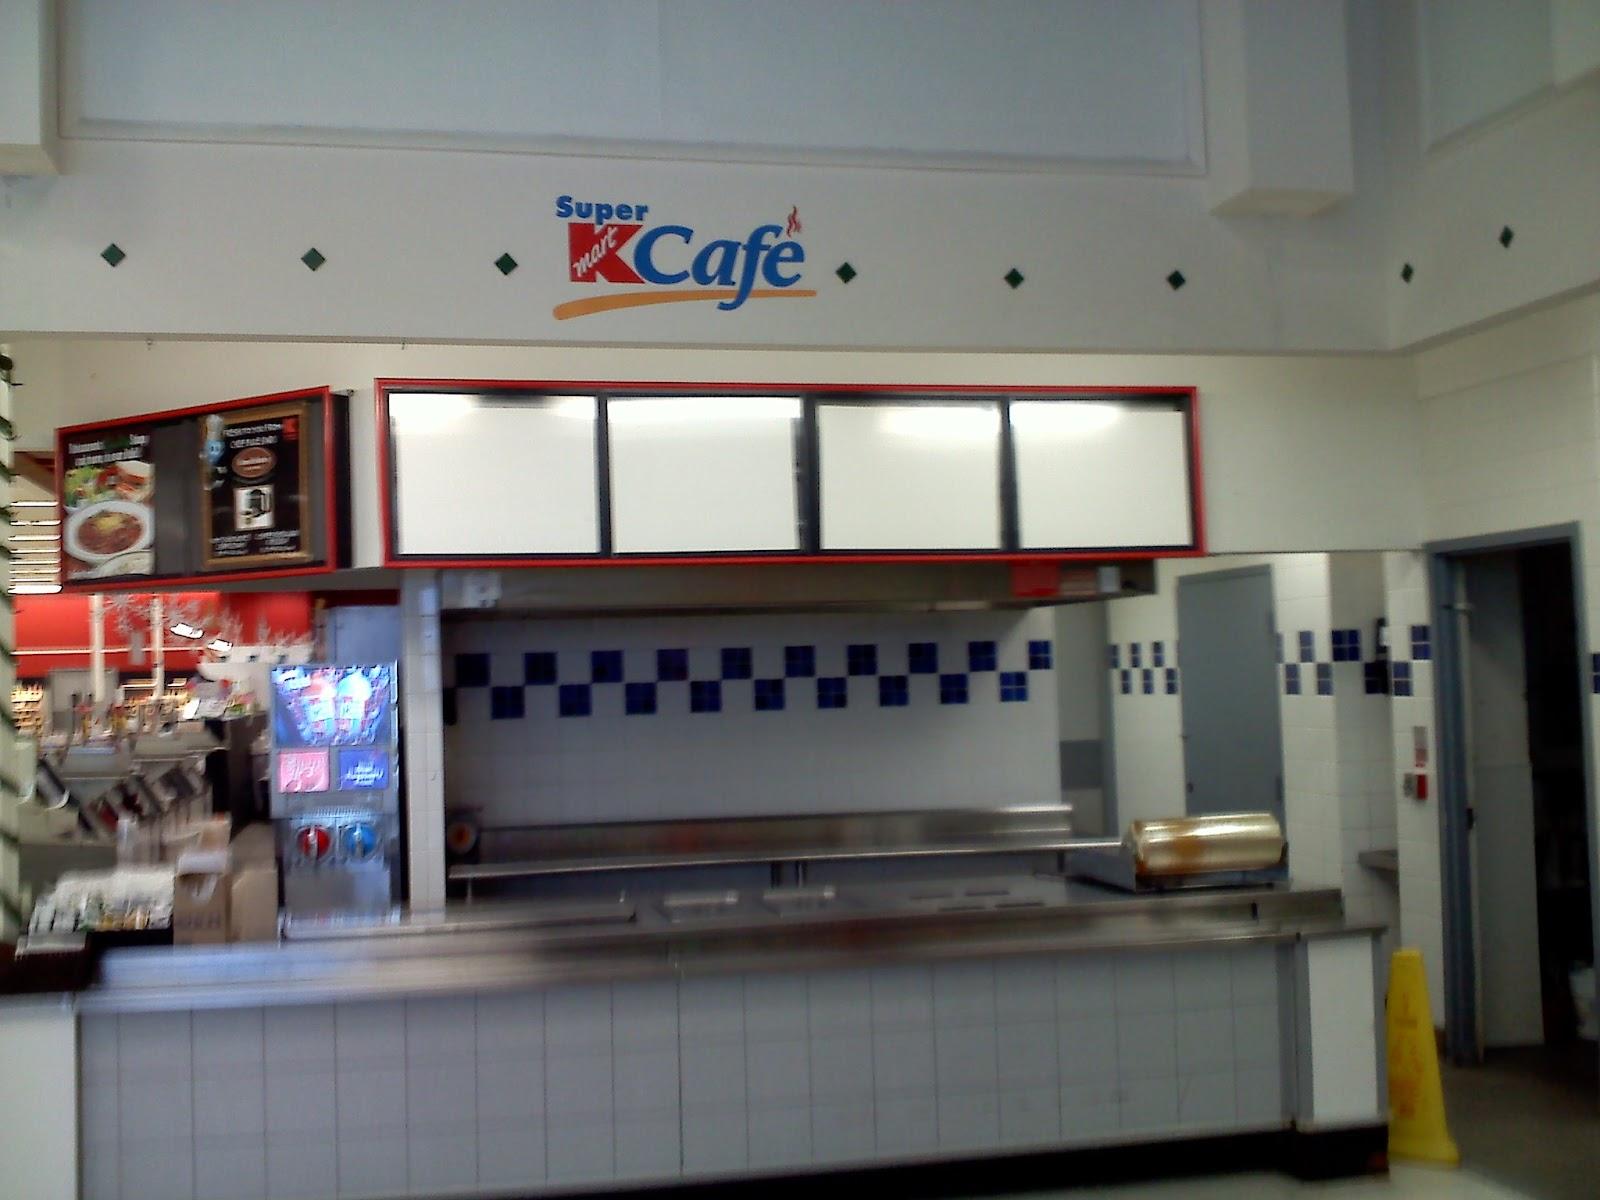 Old Super Kmart Cafe Interior